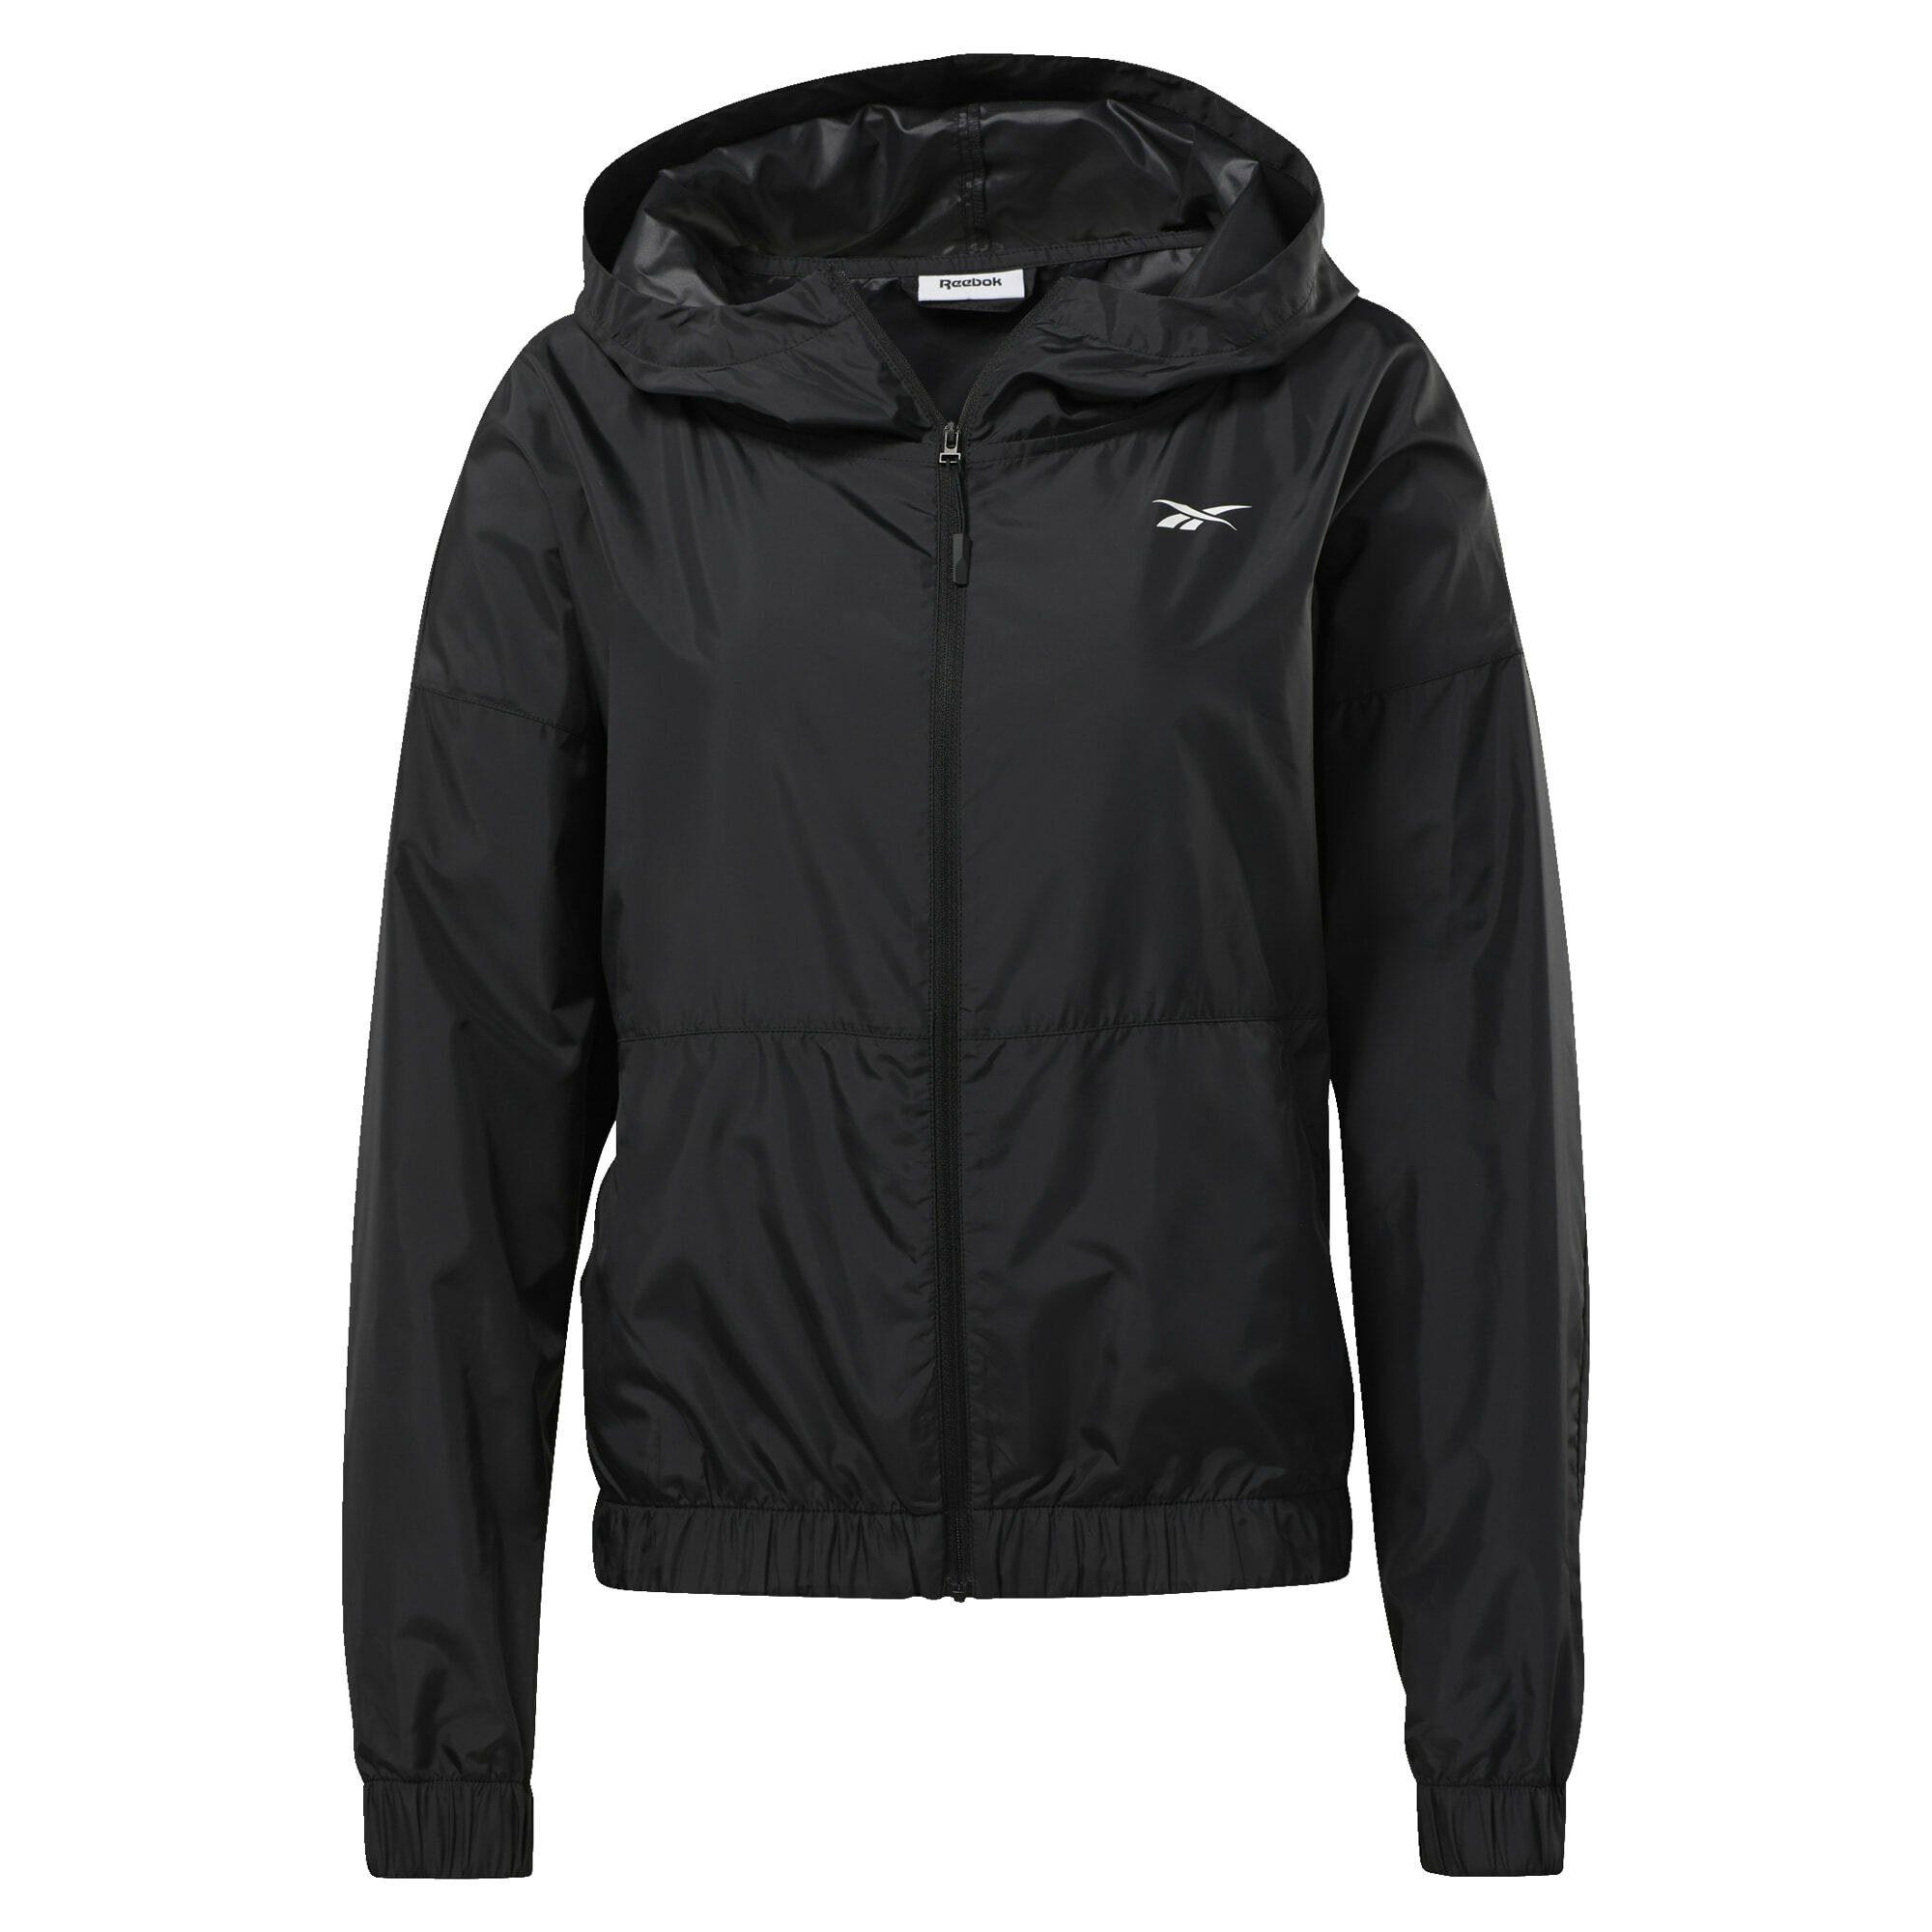 Reebok Trainingsjacke »Jacket«, Normale Passform online kaufen | OTTO